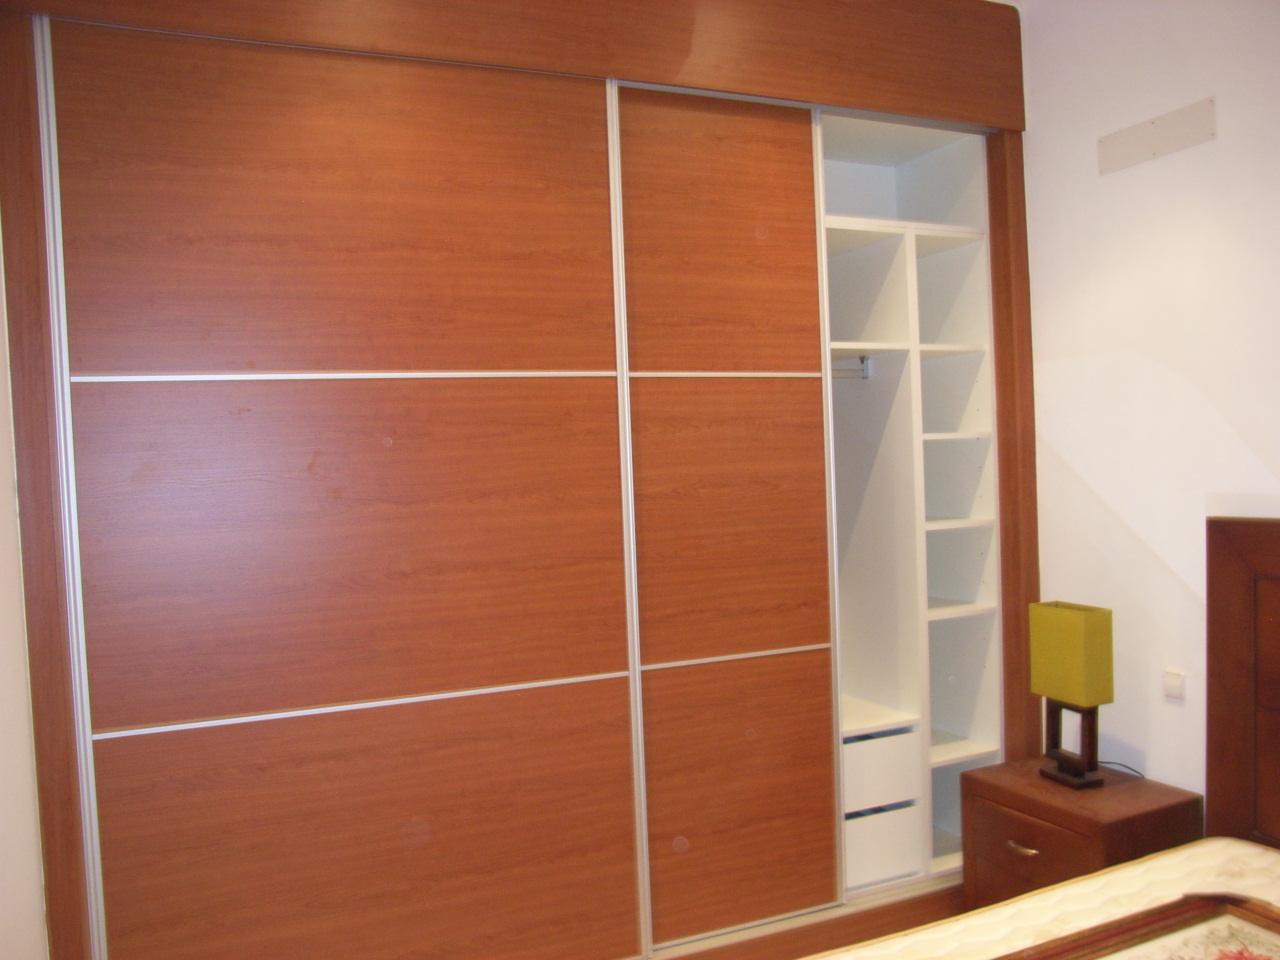 Armarios a medidas affordable armario a medida lacado for Puertas galvanizadas medidas